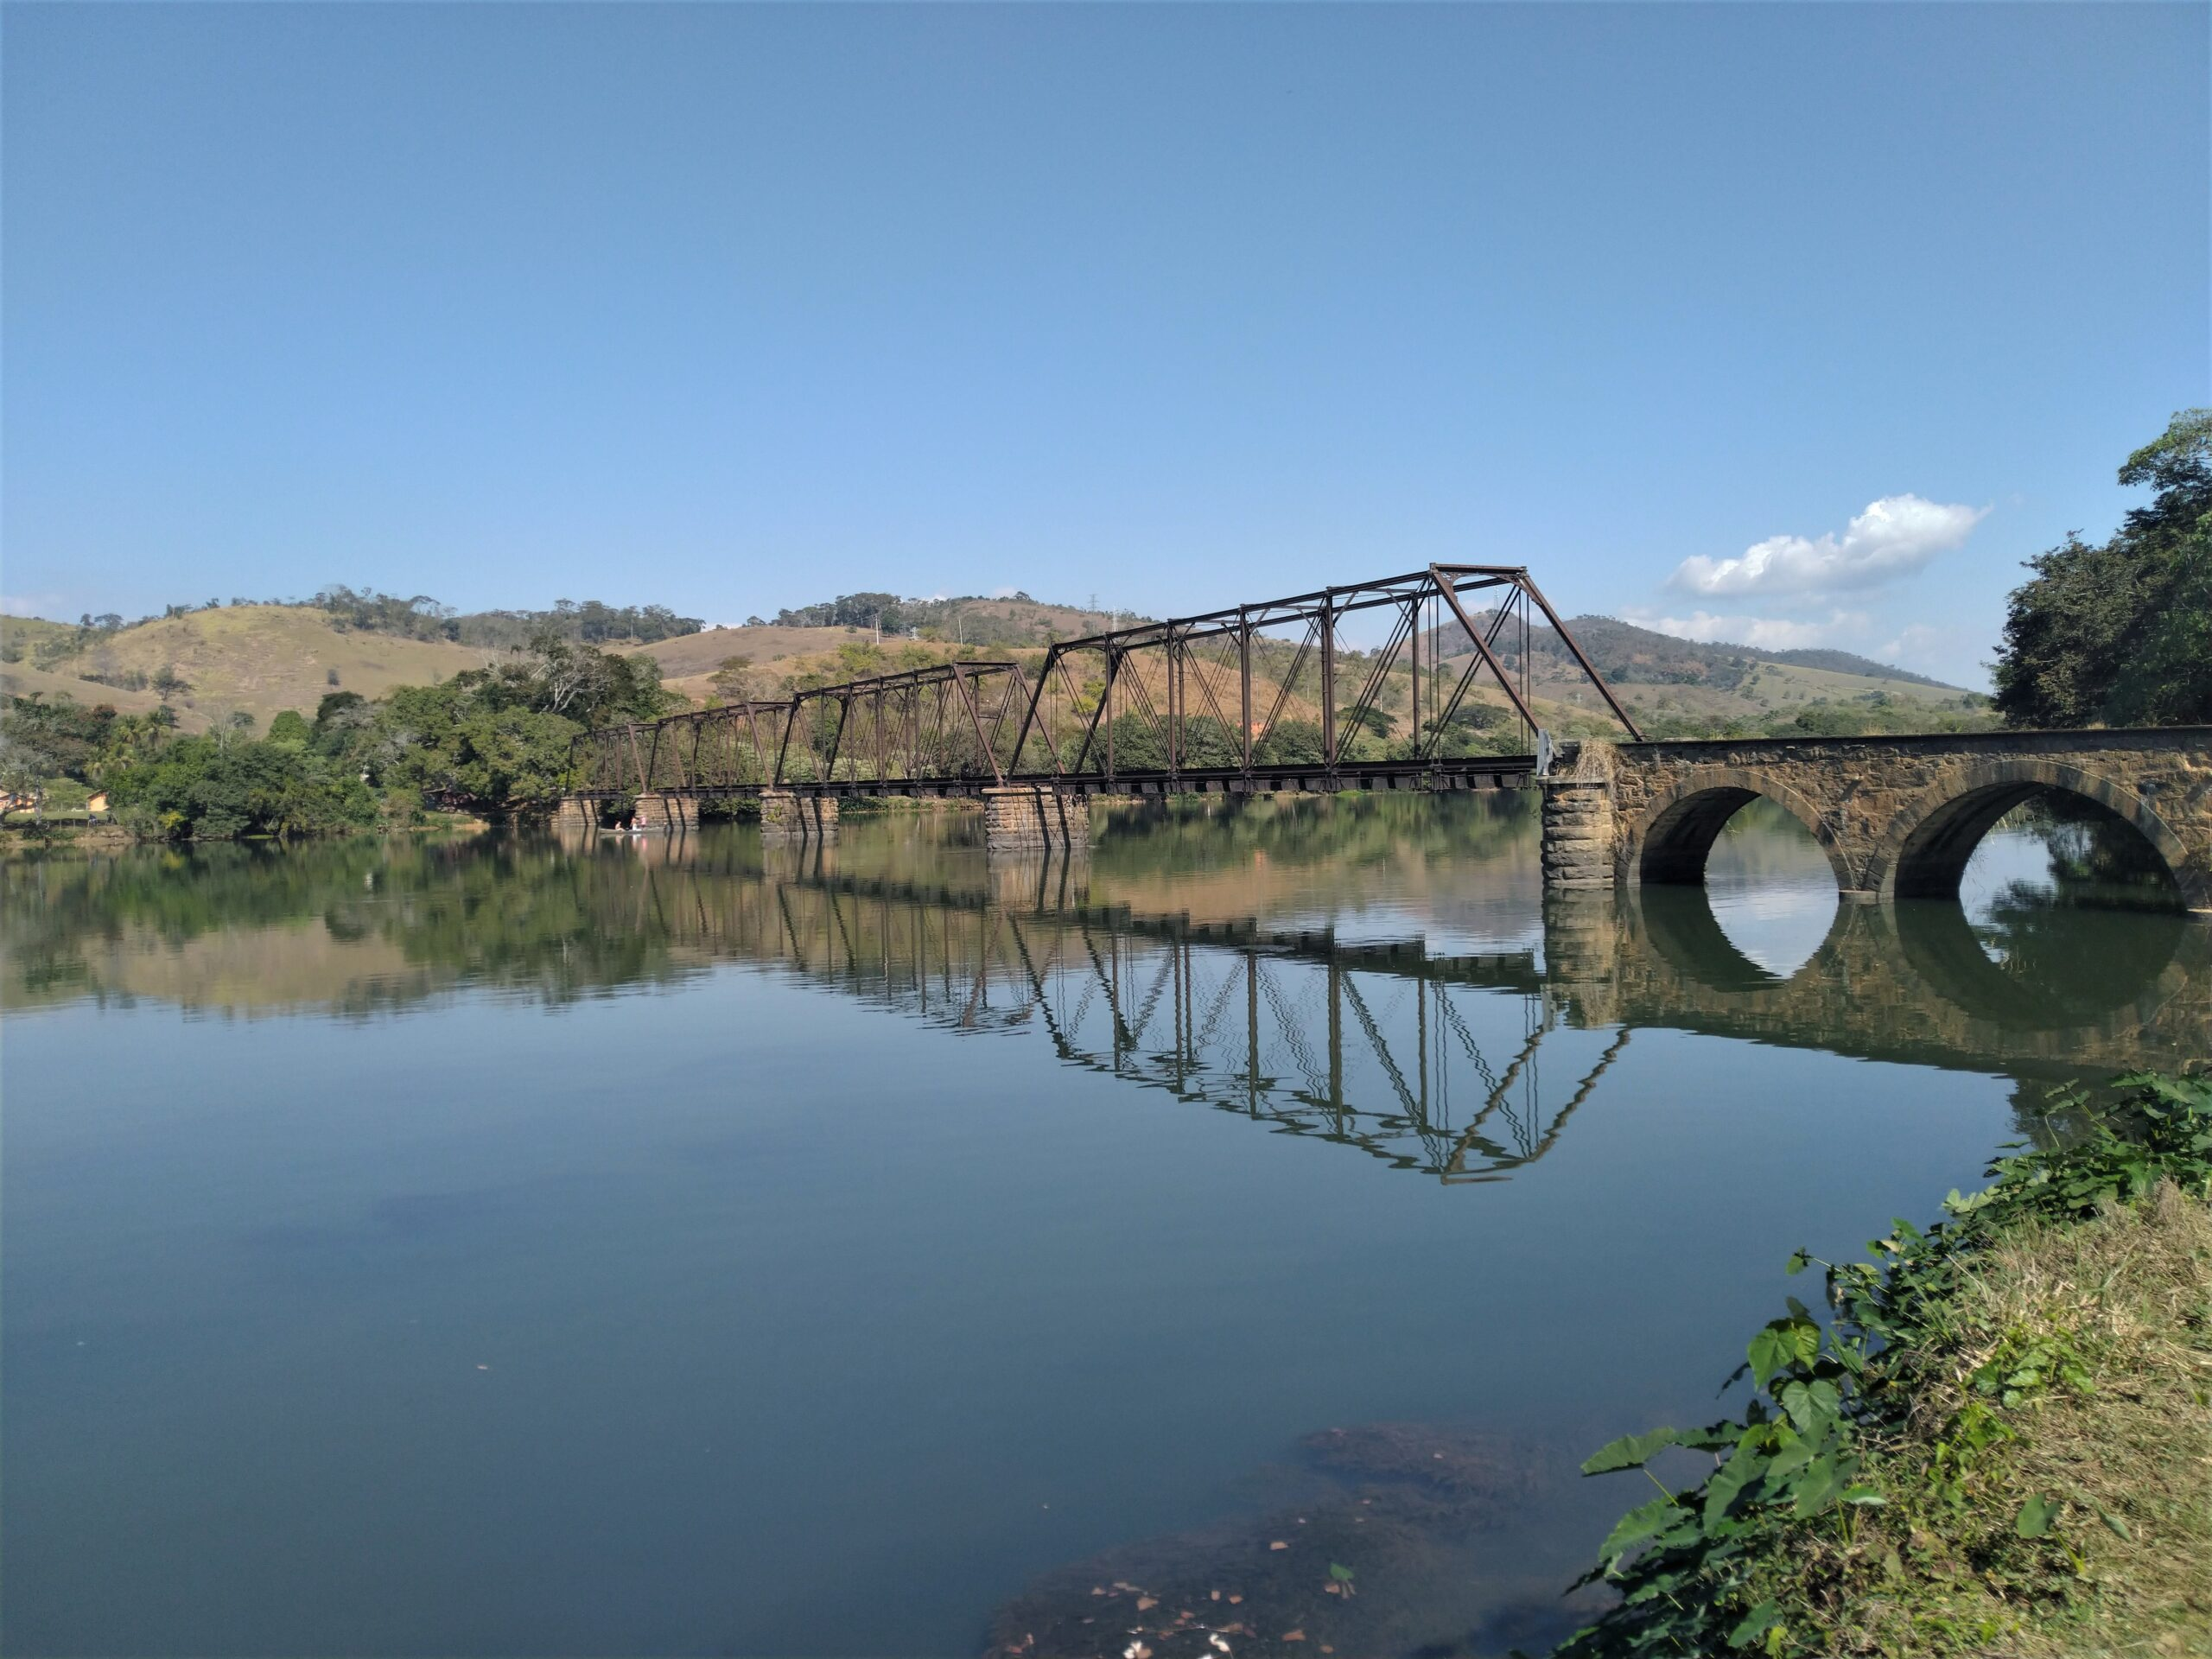 Ponte Preta que liga Minas Gerais ao estado fluminense. Acervo Márcio Gonçalves